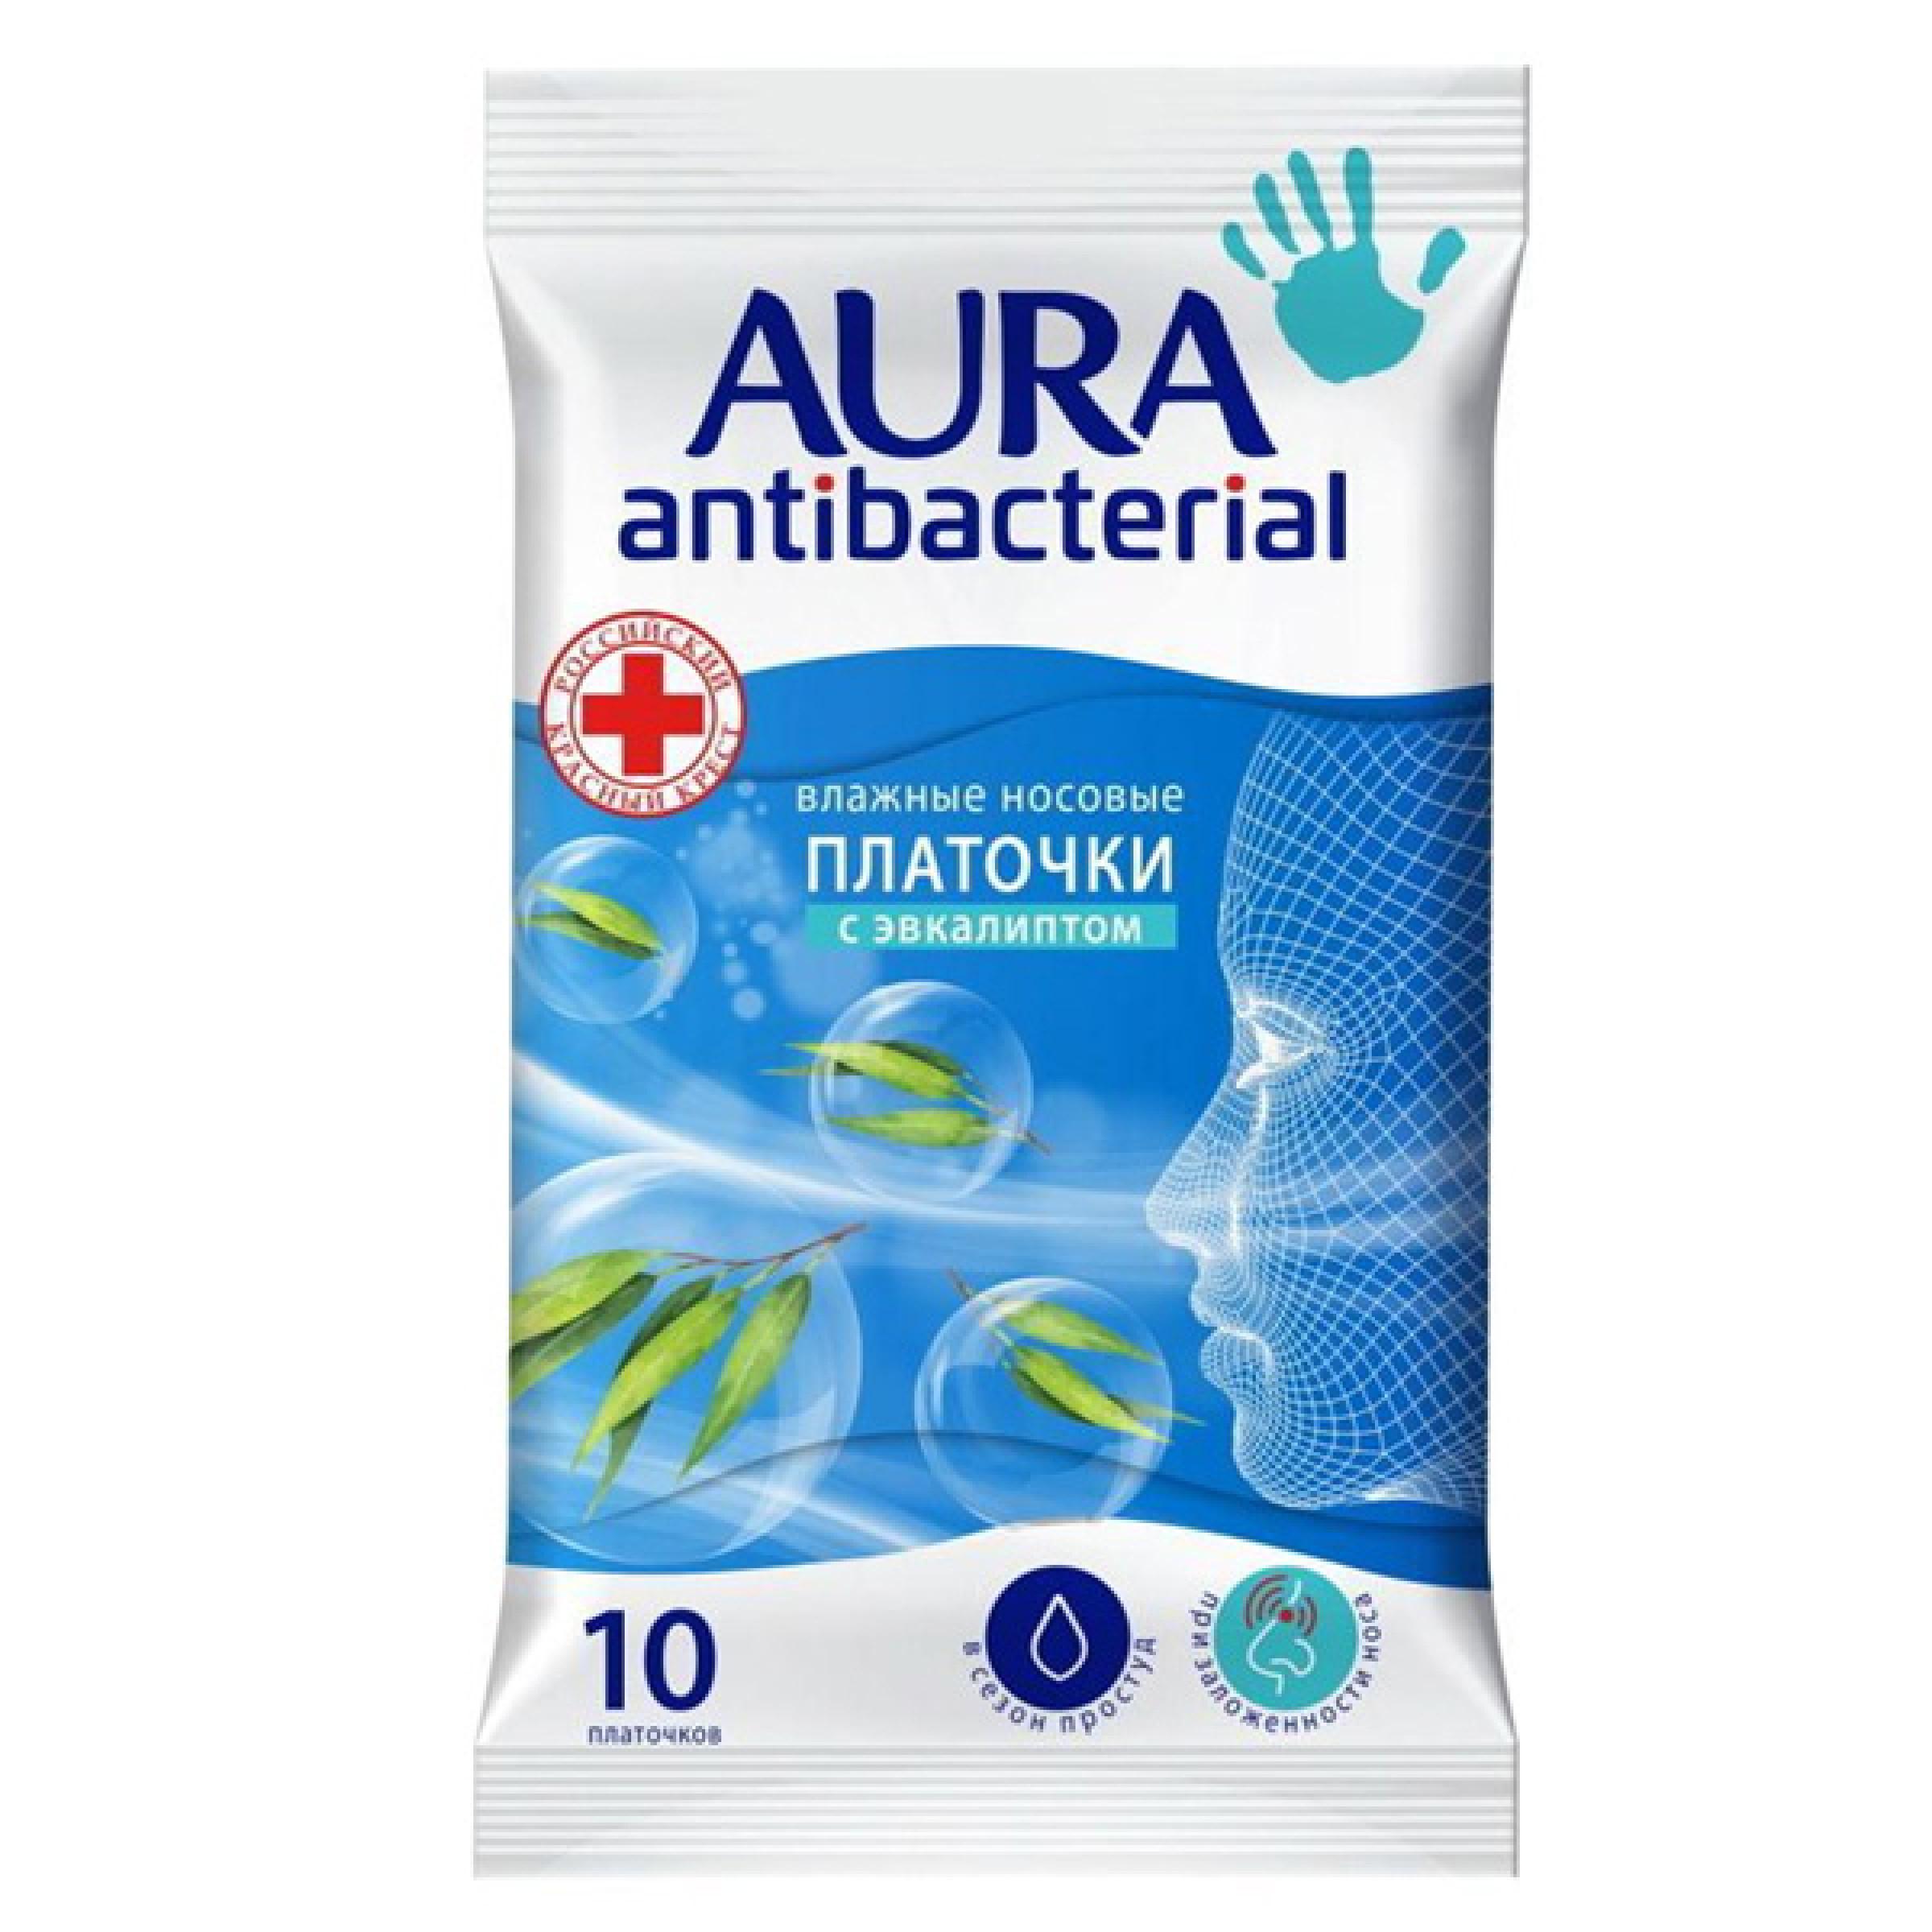 Платочки носовые влажные с эвкалиптом AURA Antibacterial, 10 шт